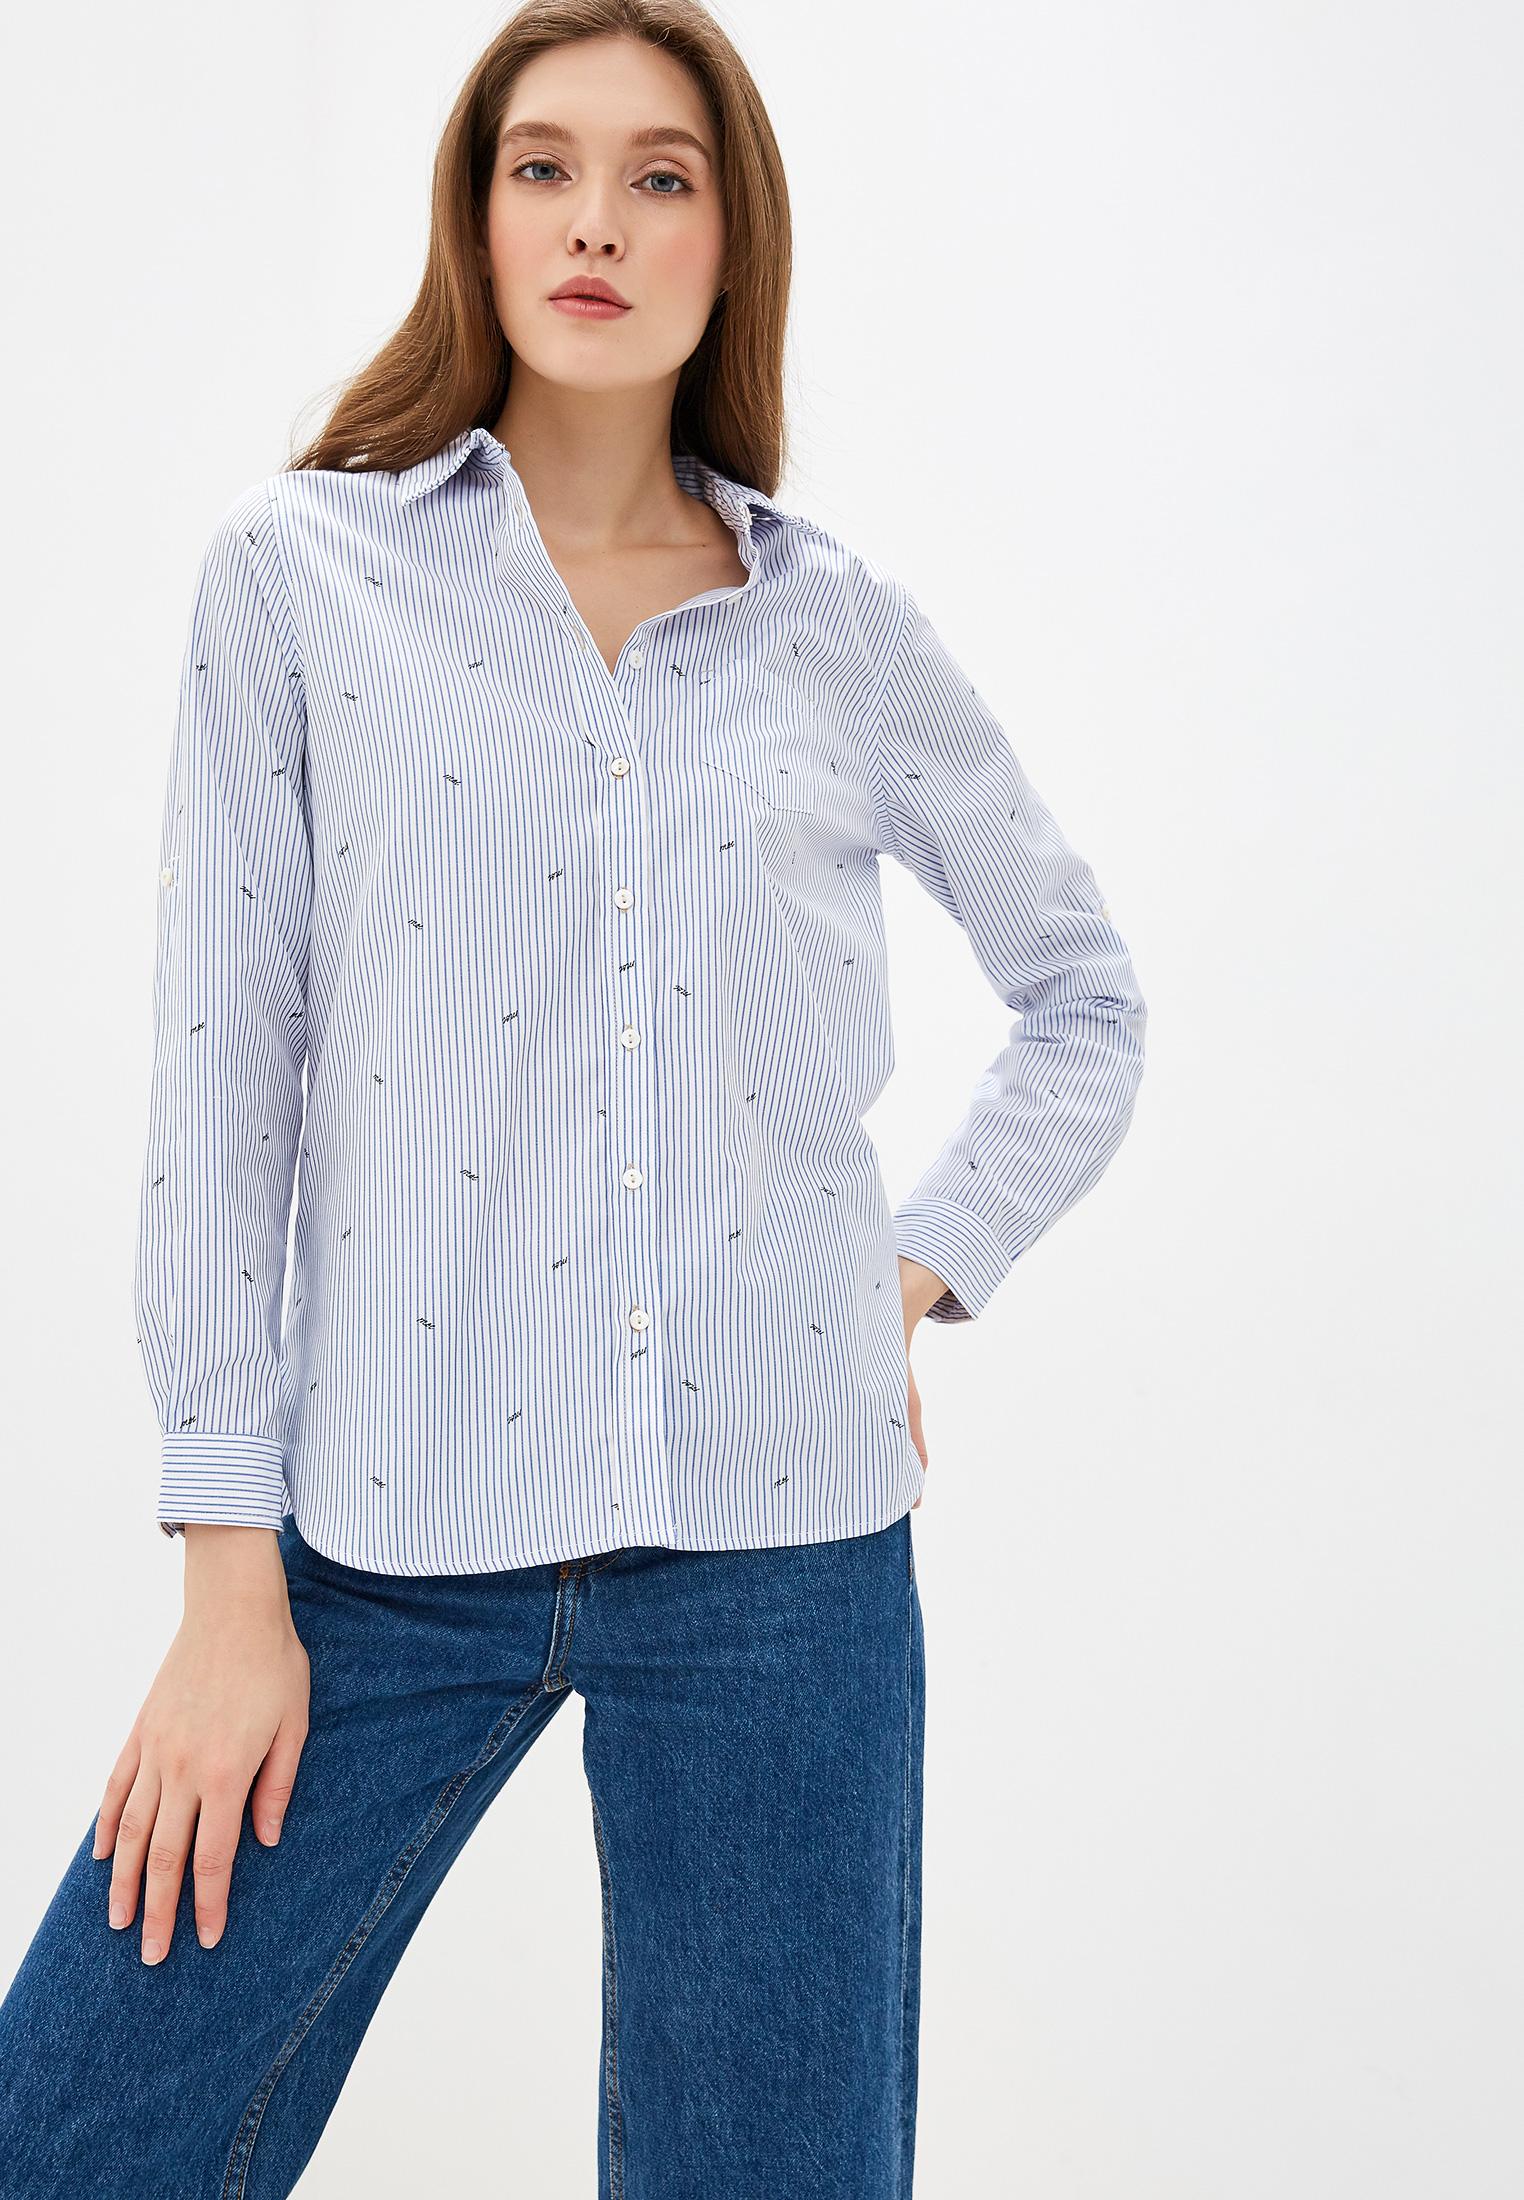 Женские рубашки с длинным рукавом Sela (Сэла) B-312/1263-9310